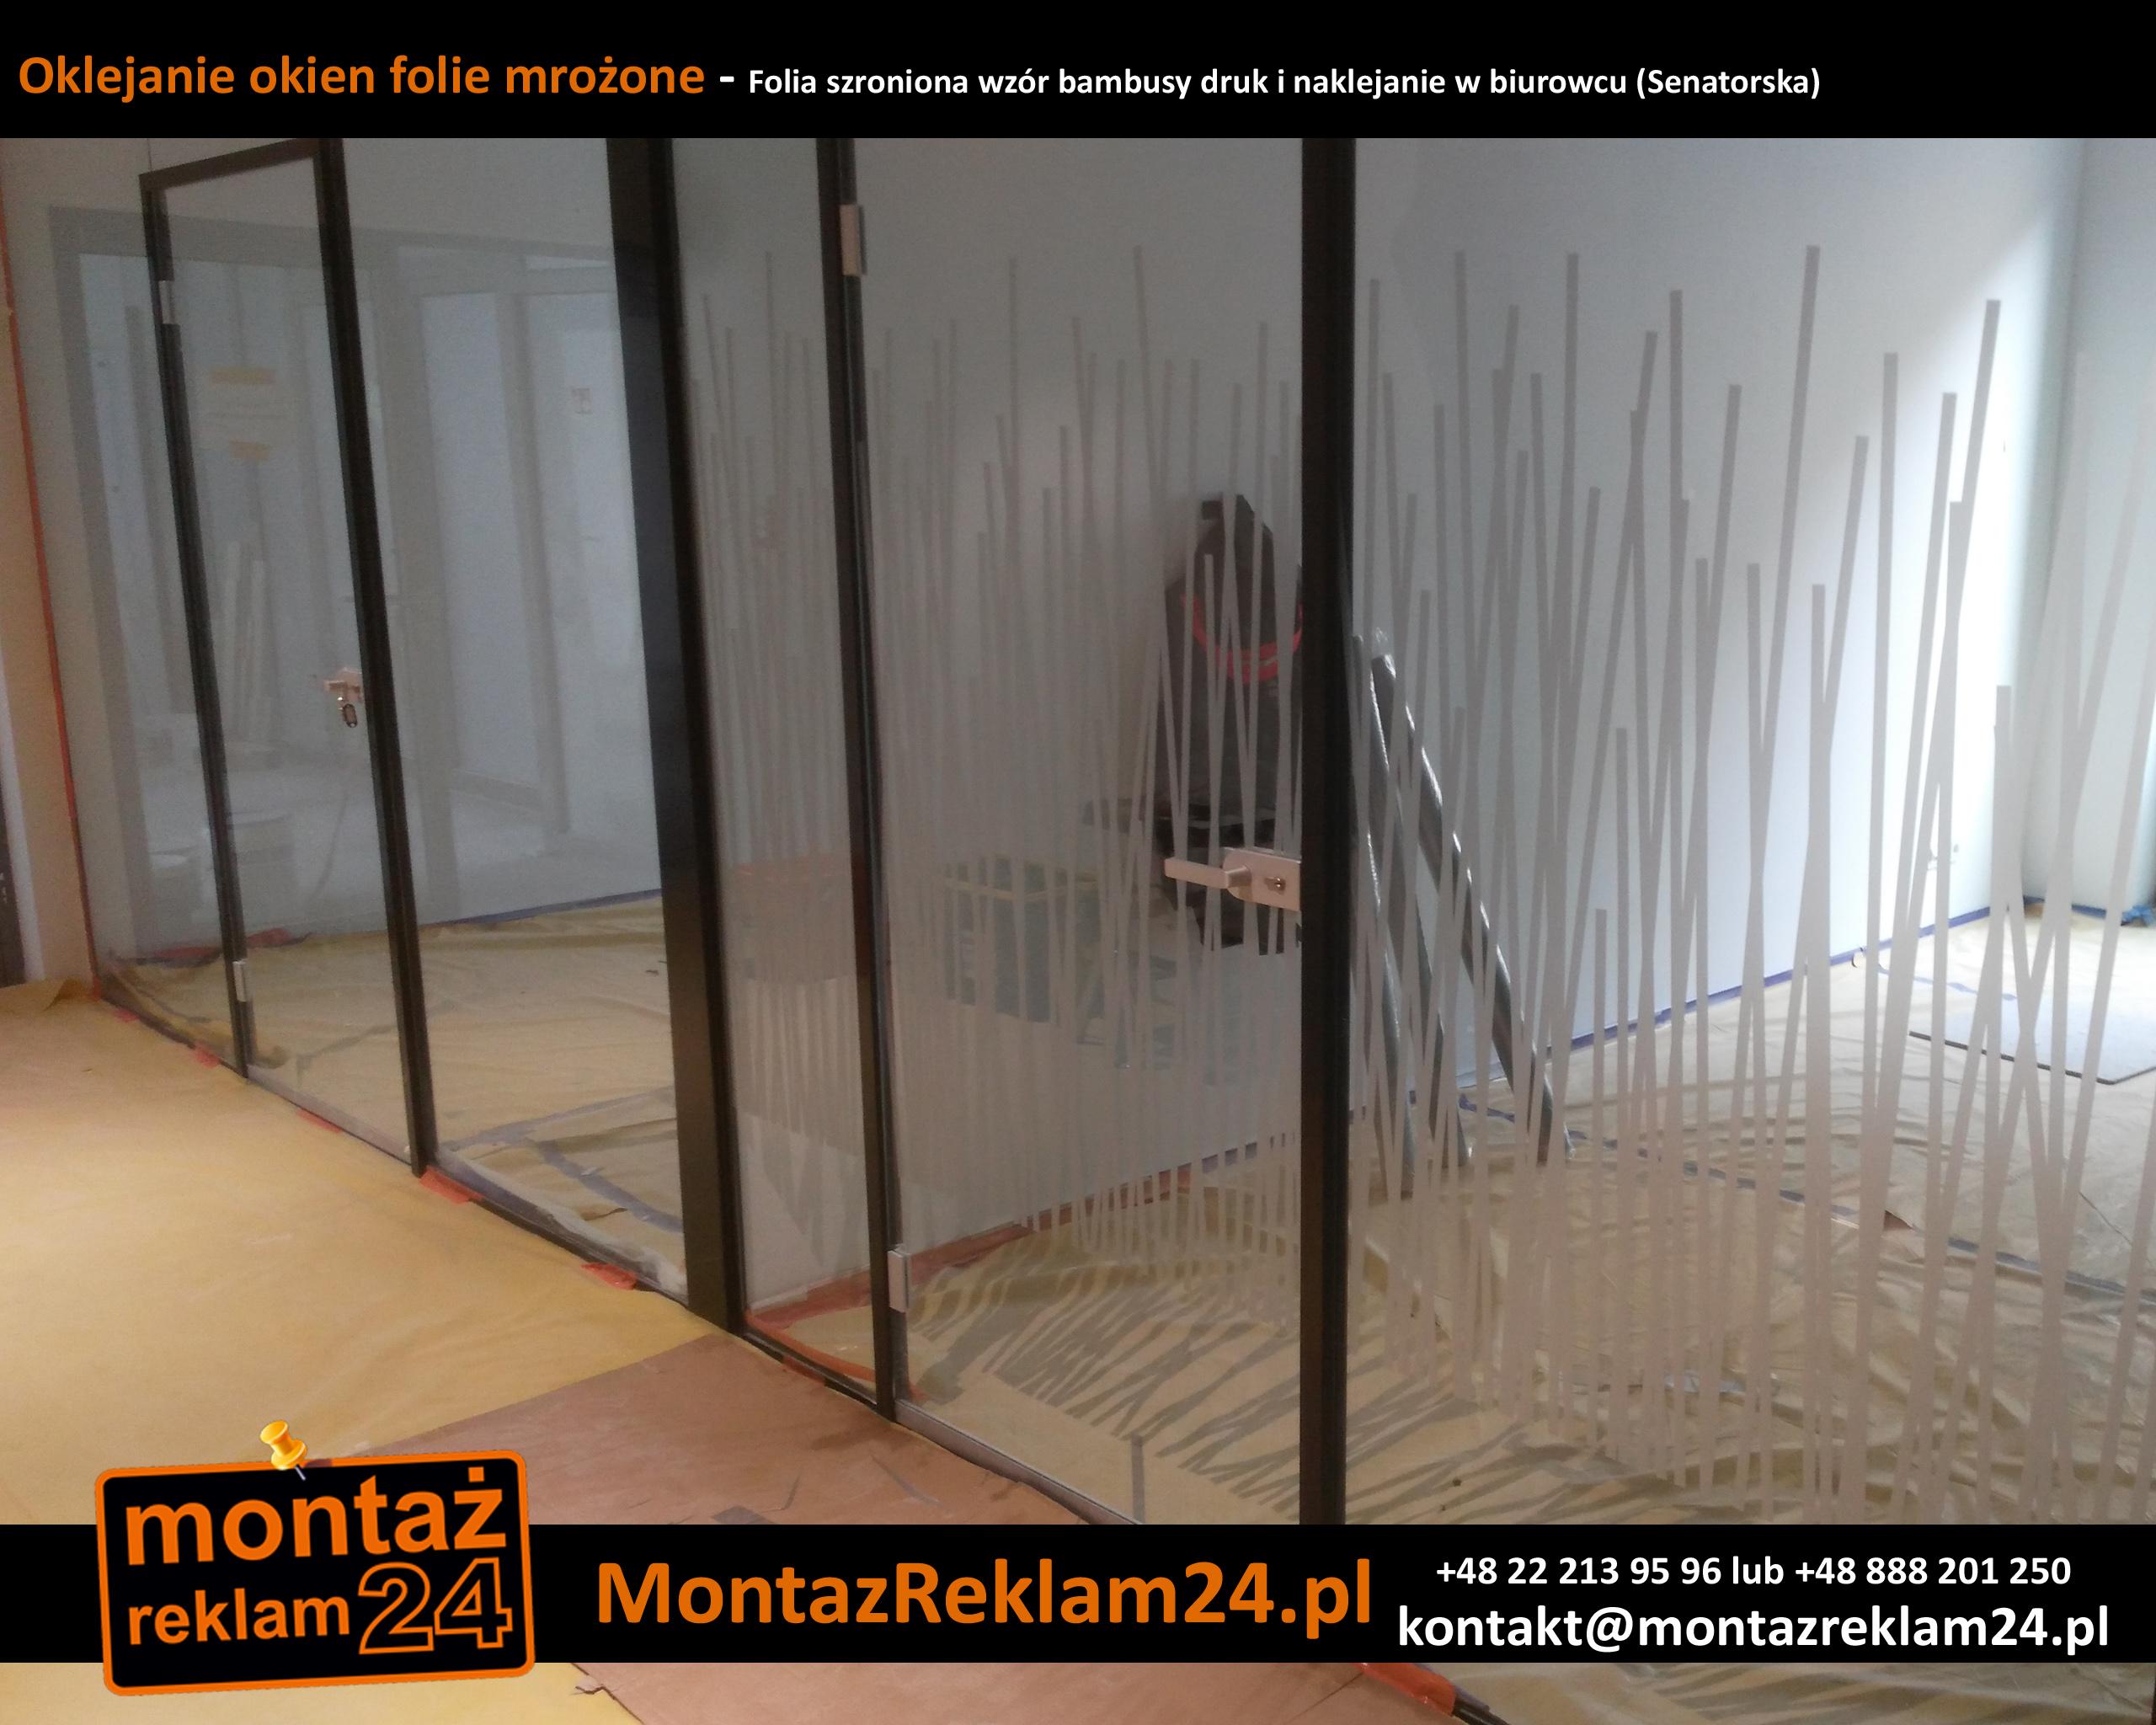 Oklejanie okien folie mrożone - Folia szroniona wzór bambusy druk i naklejanie w biurowcu (Senatorska).jpg